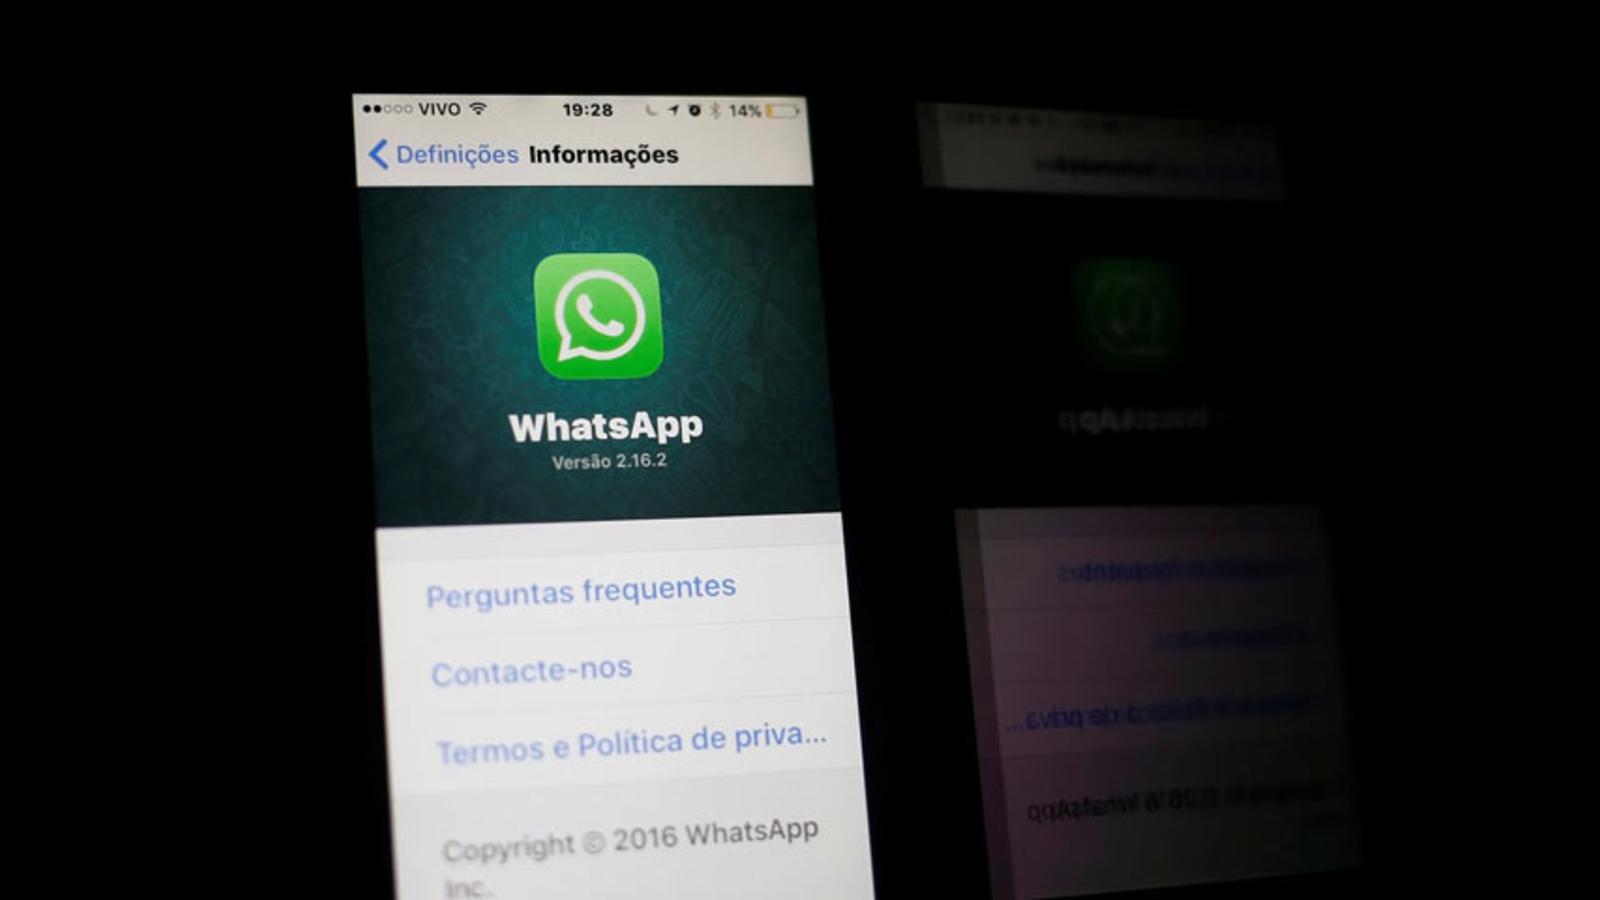 Whatsapp blockierung aufgehoben nachrichten